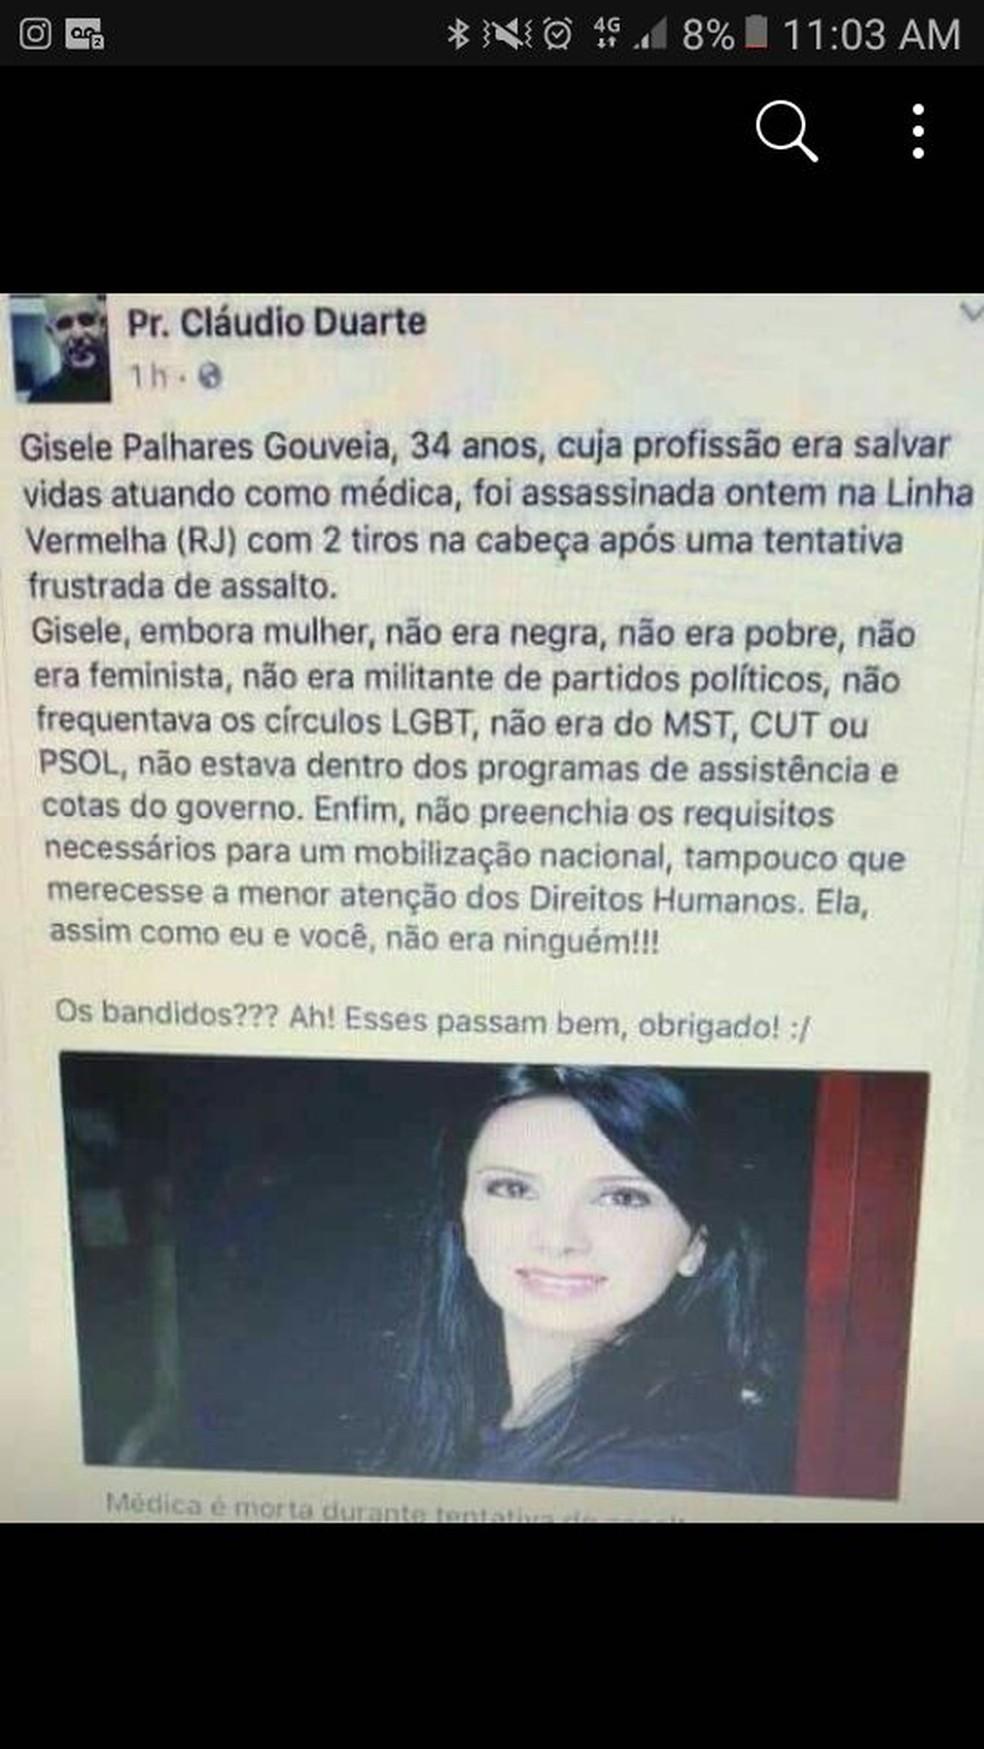 Mensagem compartilhada dá a entender que médica foi morta no mesmo dia de Marielle (Foto: Reprodução/Facebook)